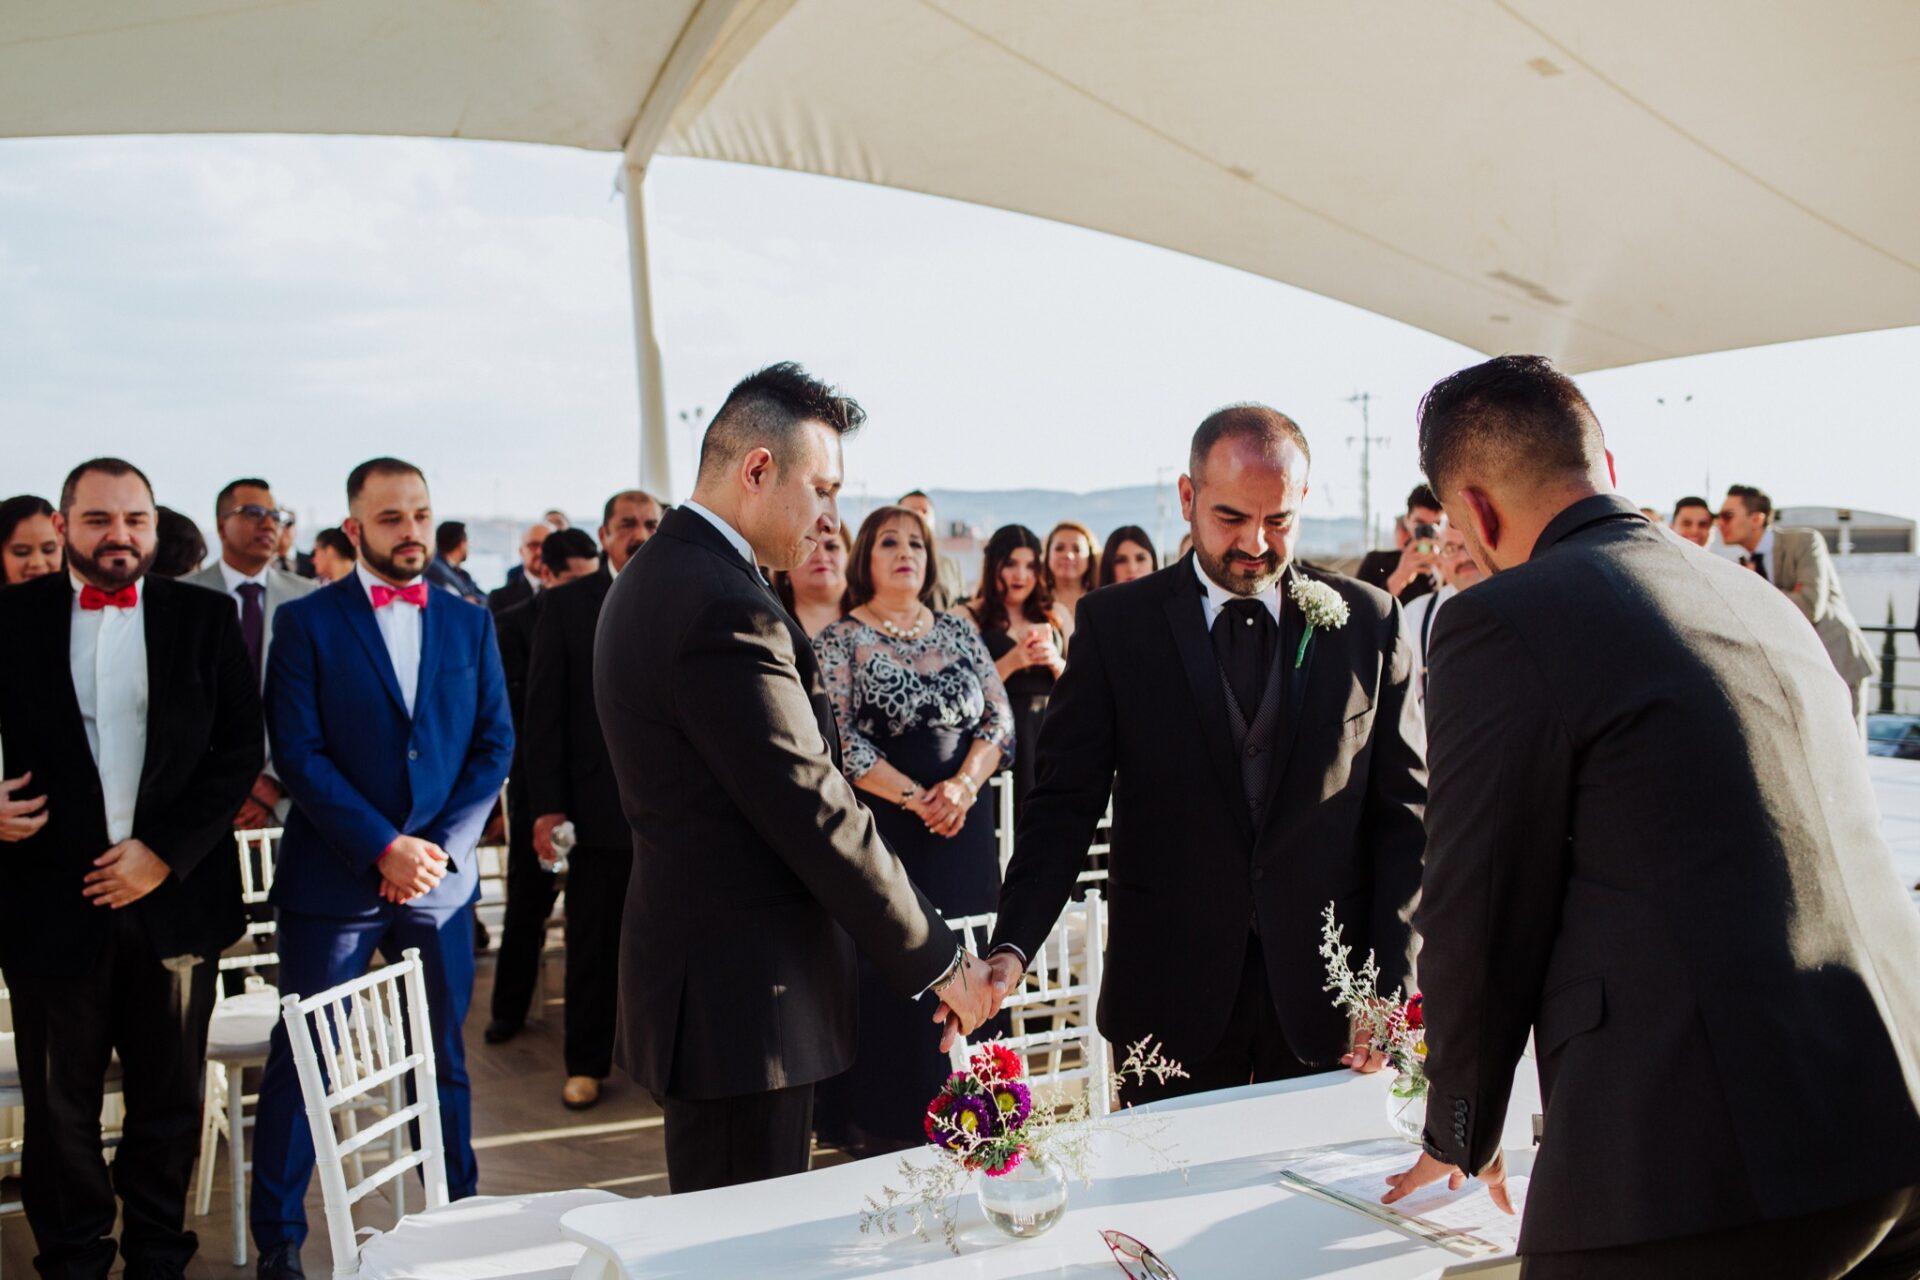 javier_noriega_fotografo_bodas_alicia_garden_zacatecas_wedding_photographer11